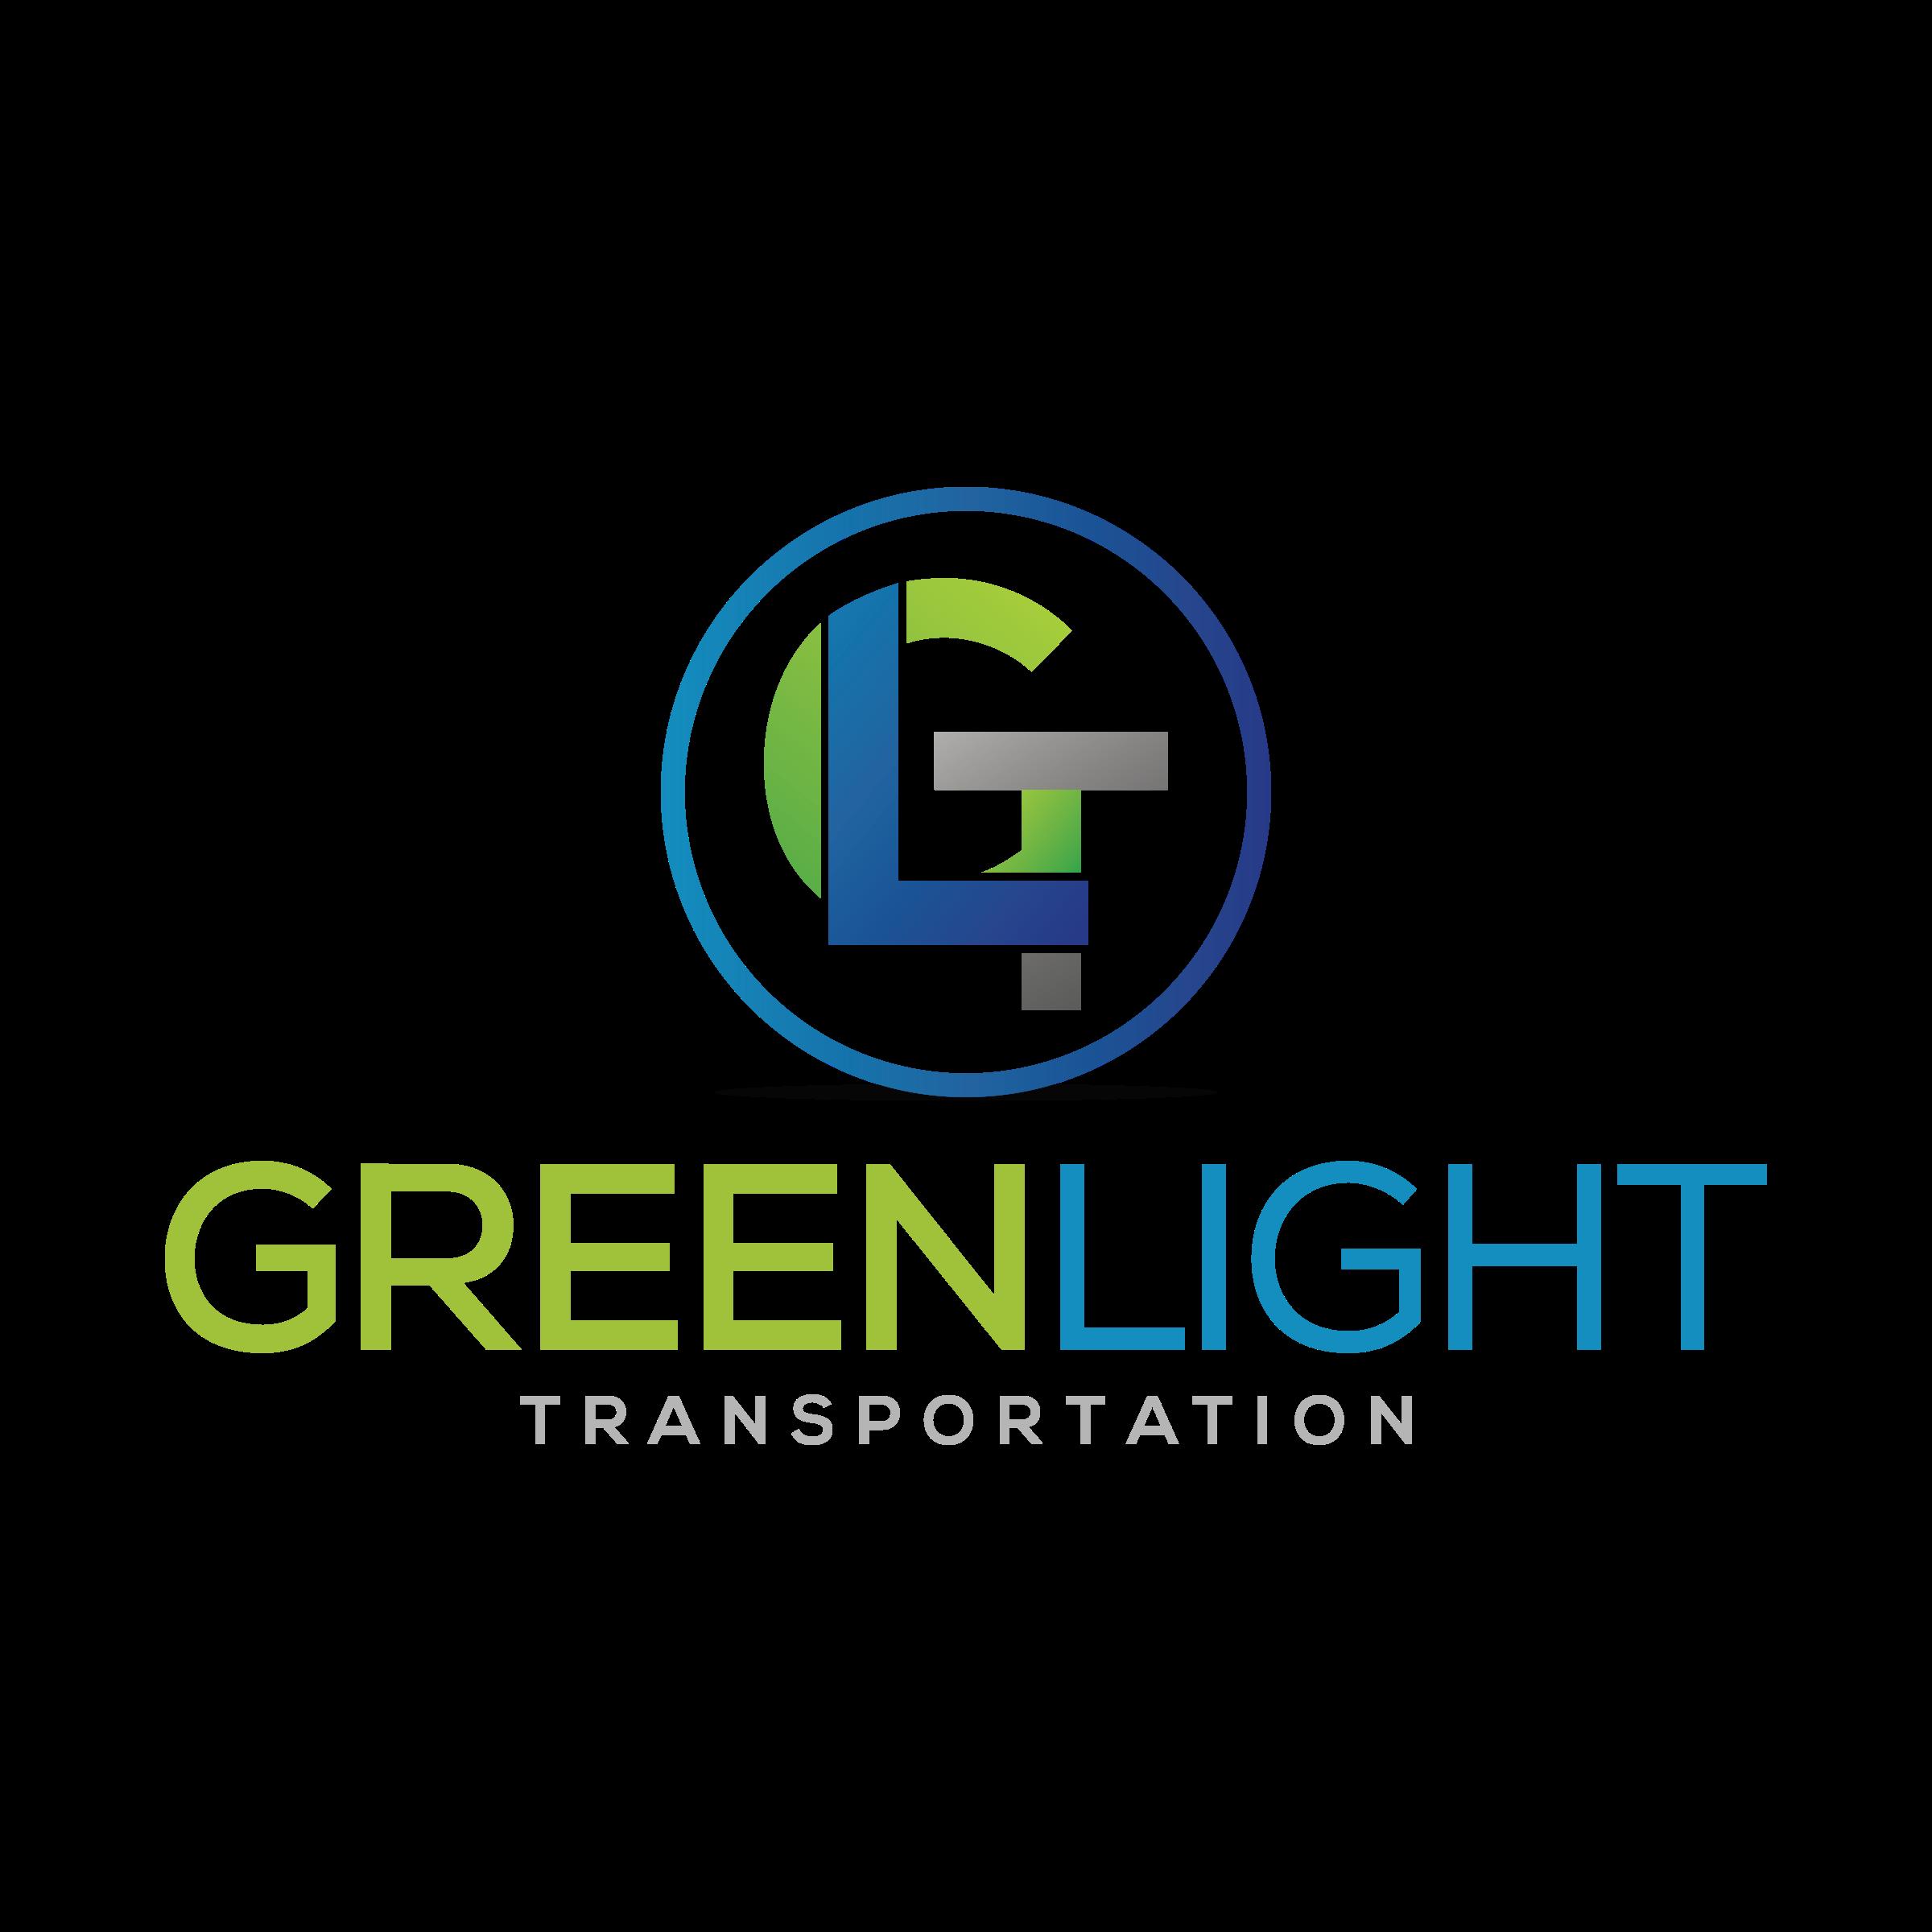 GreenLight Transportation (GLT)